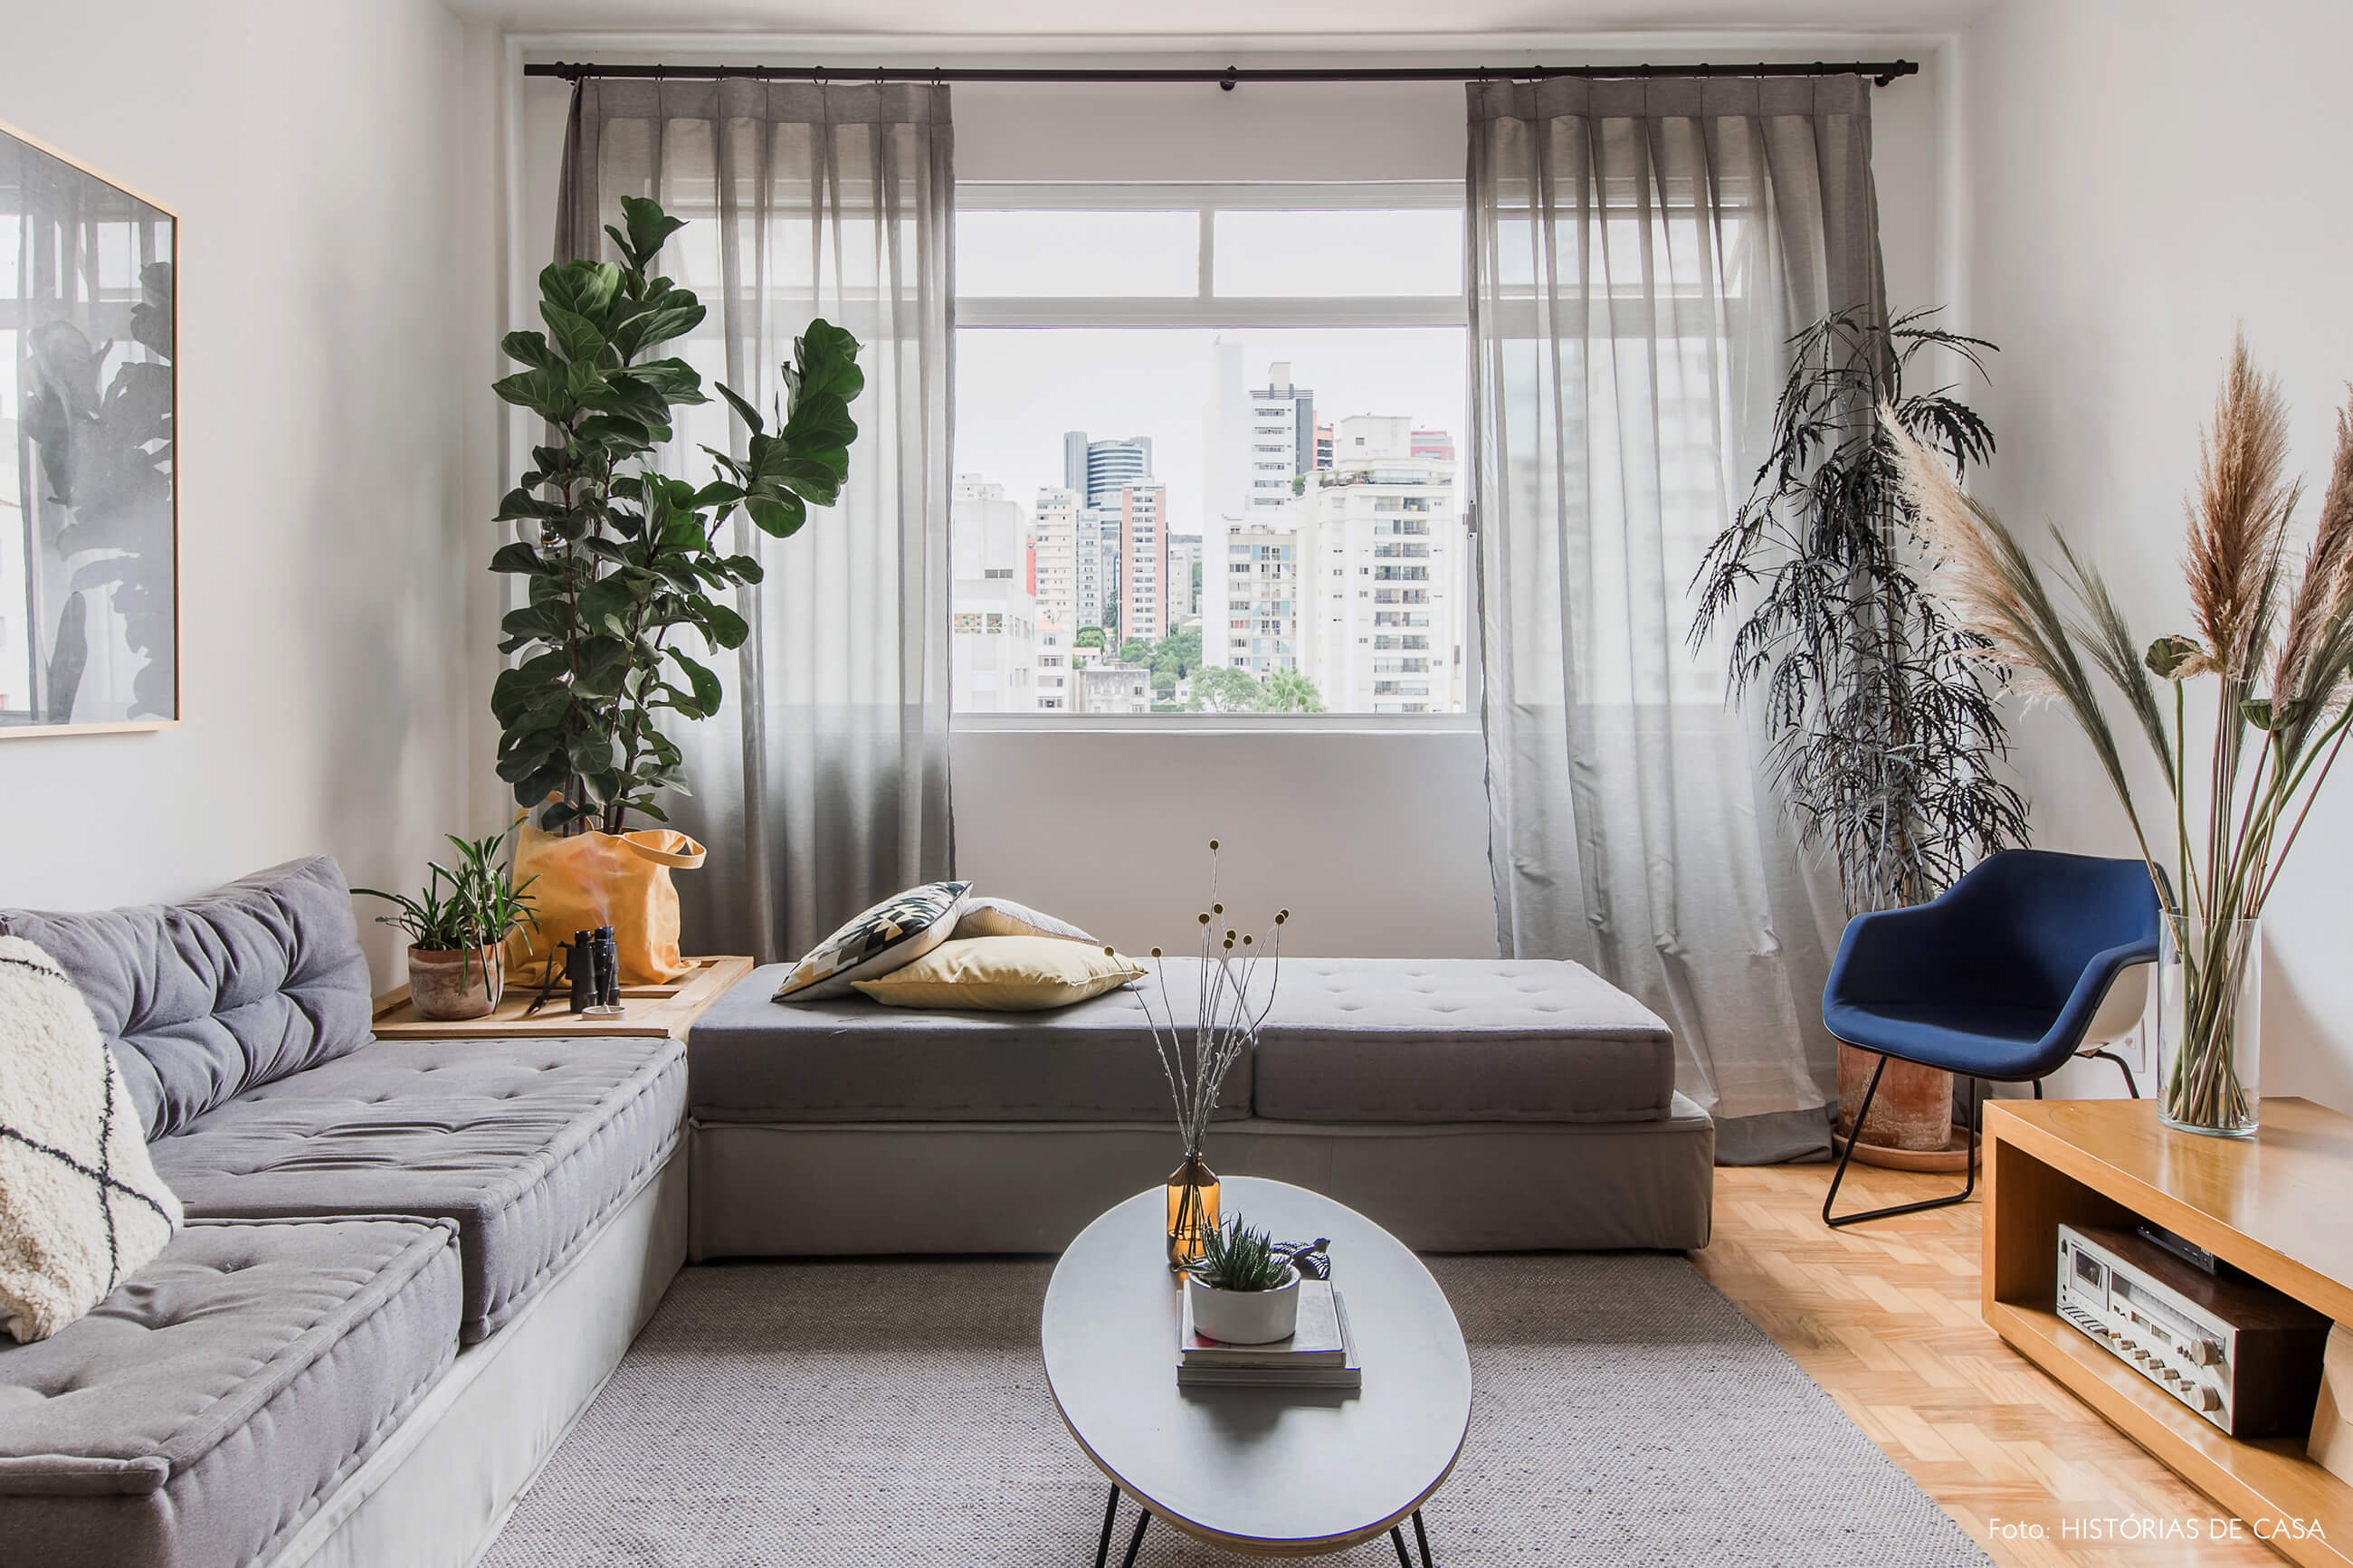 Sala com tons de cinza no sofá, tapete e cortinas